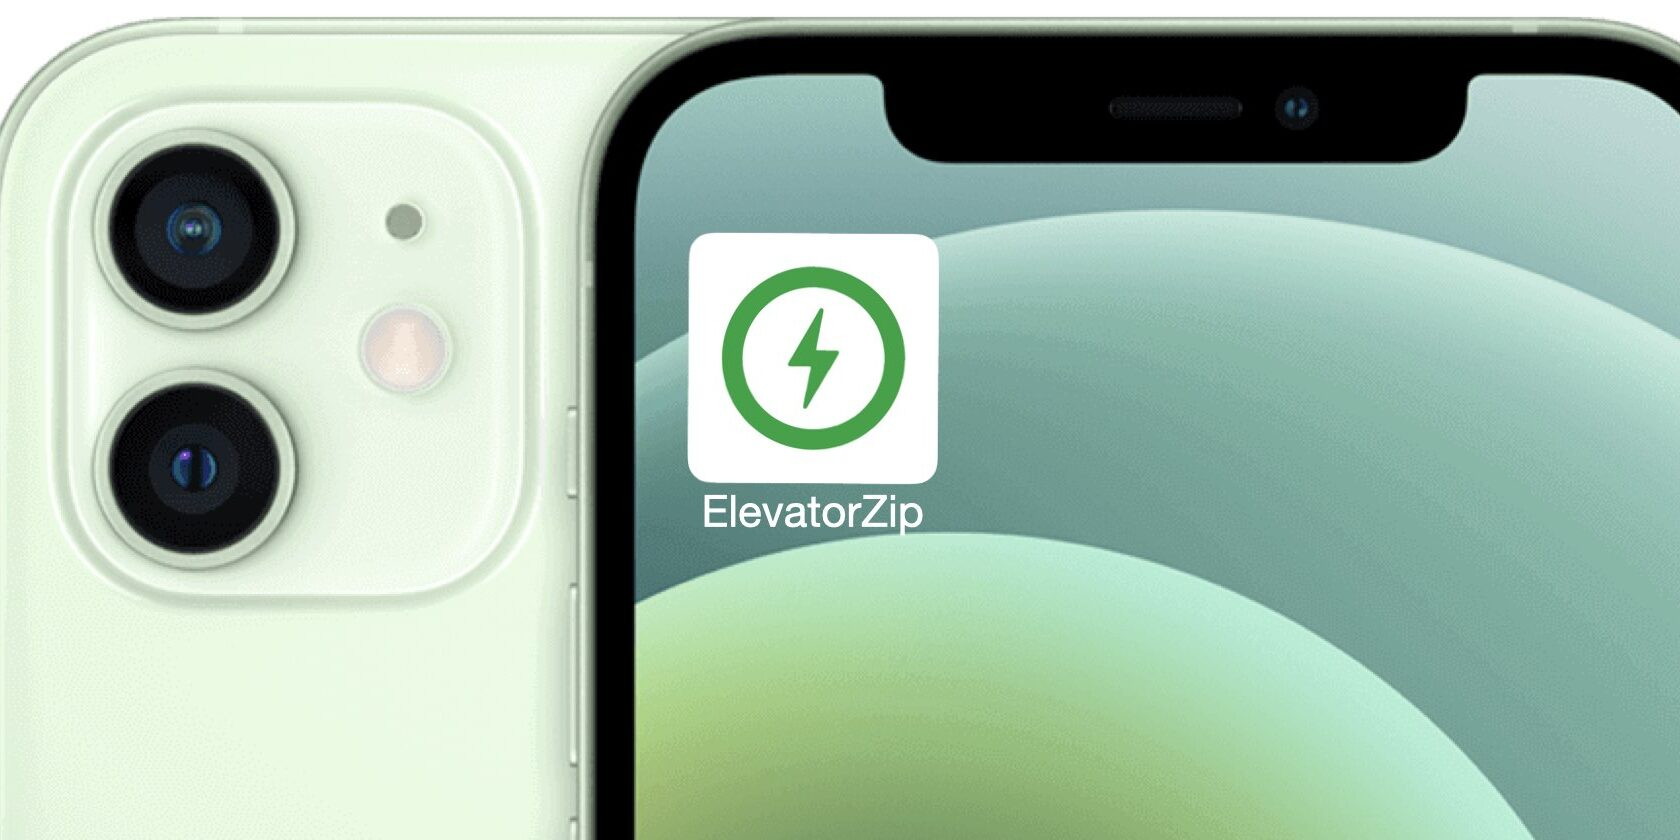 ElevatorZip on iPhone12